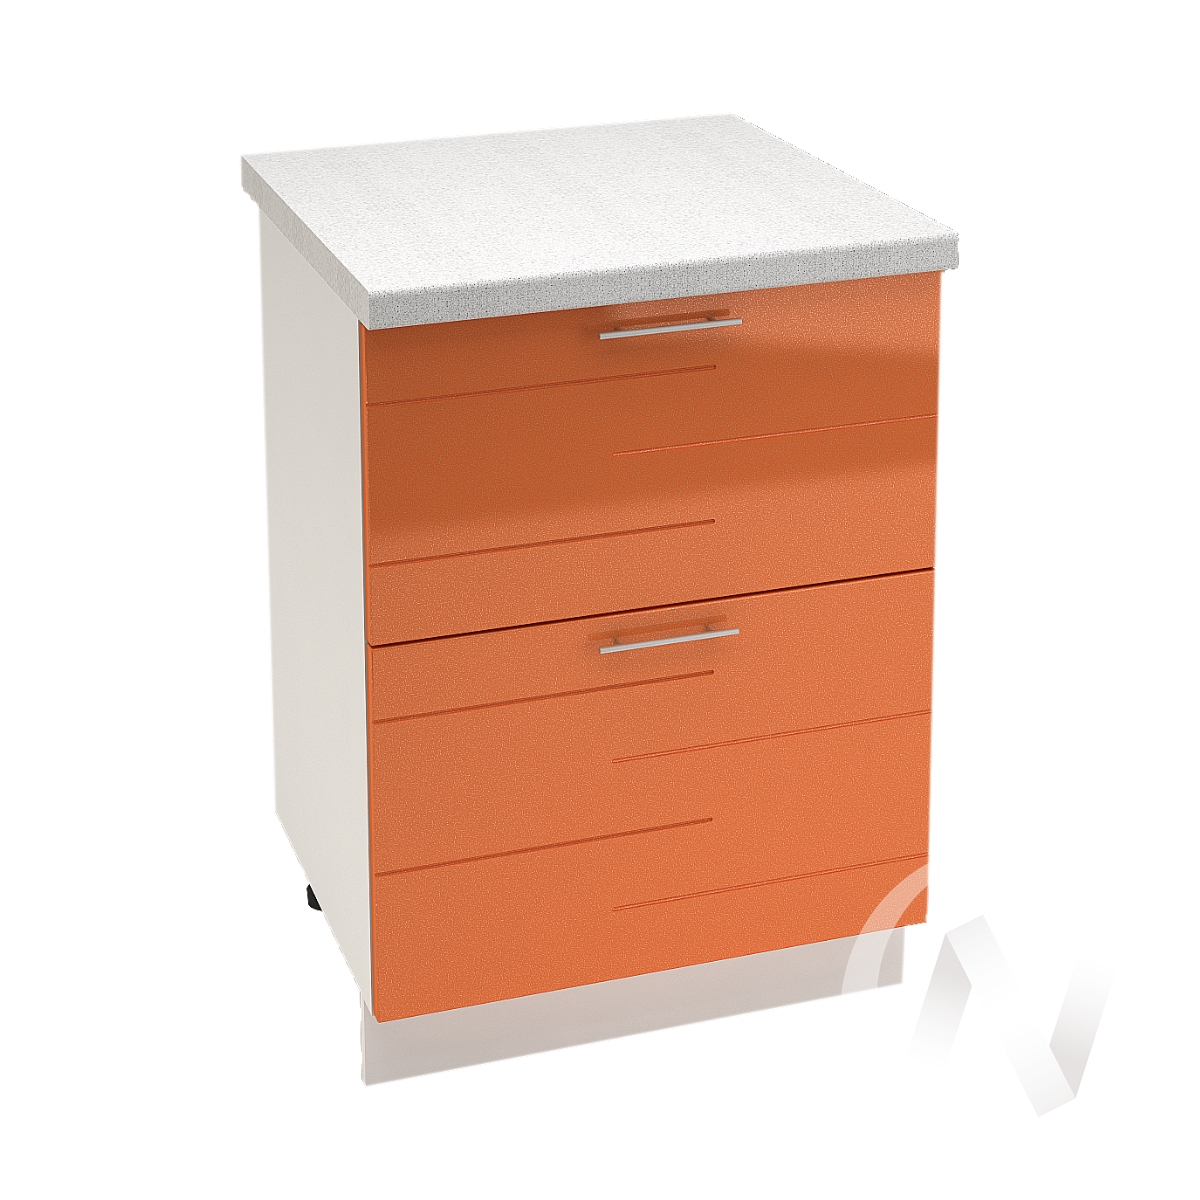 """Кухня """"Техно"""": Шкаф нижний с 2-мя ящиками 600, ШН2Я 600 (корпус белый)"""